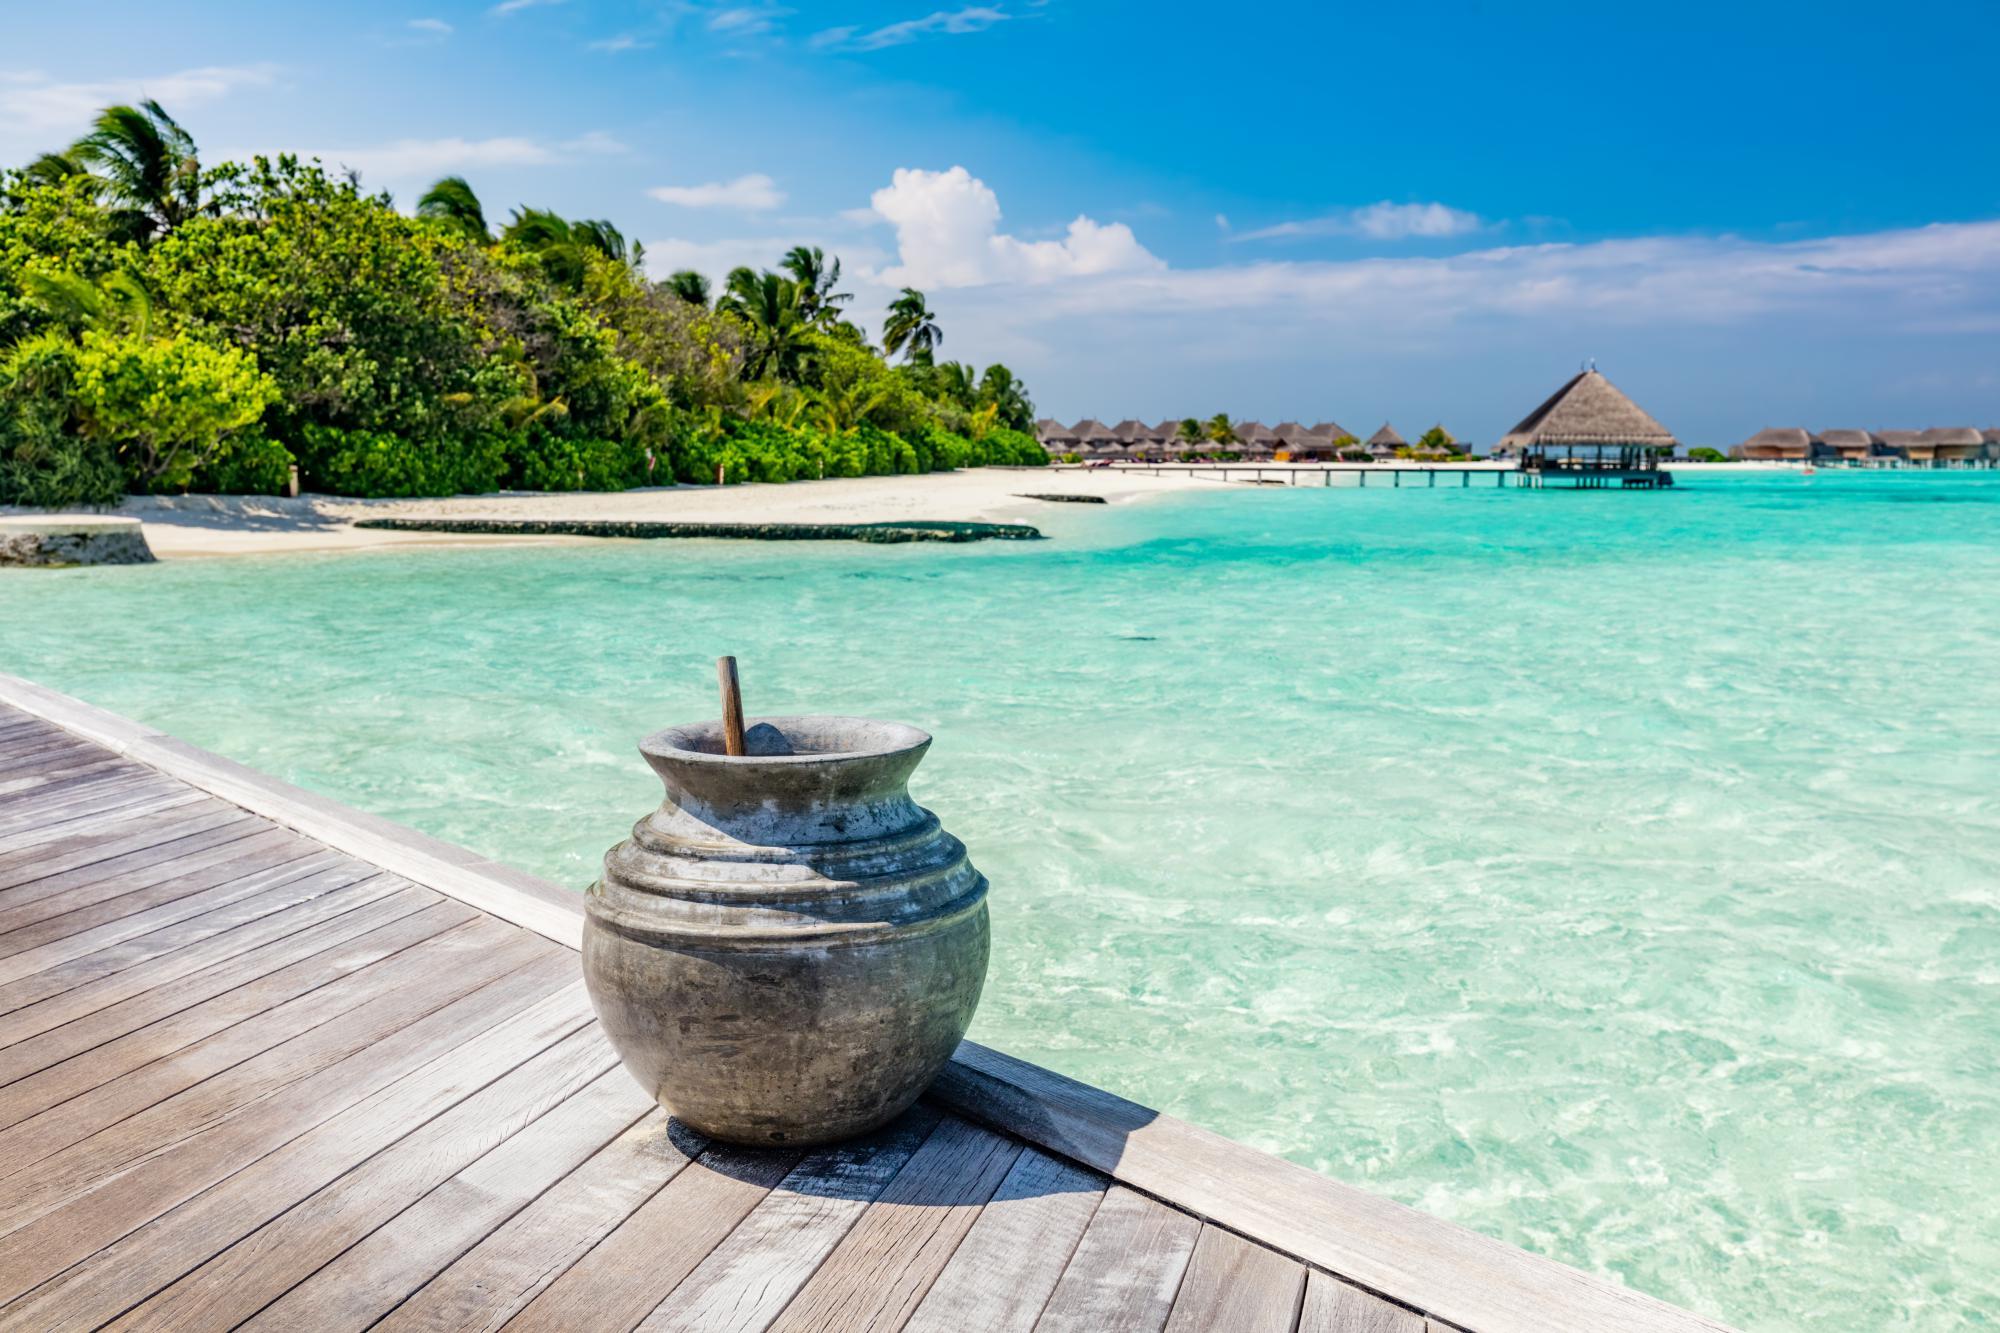 Мальдивы опубликовали поправки к налогу на товары и услуги (GST)